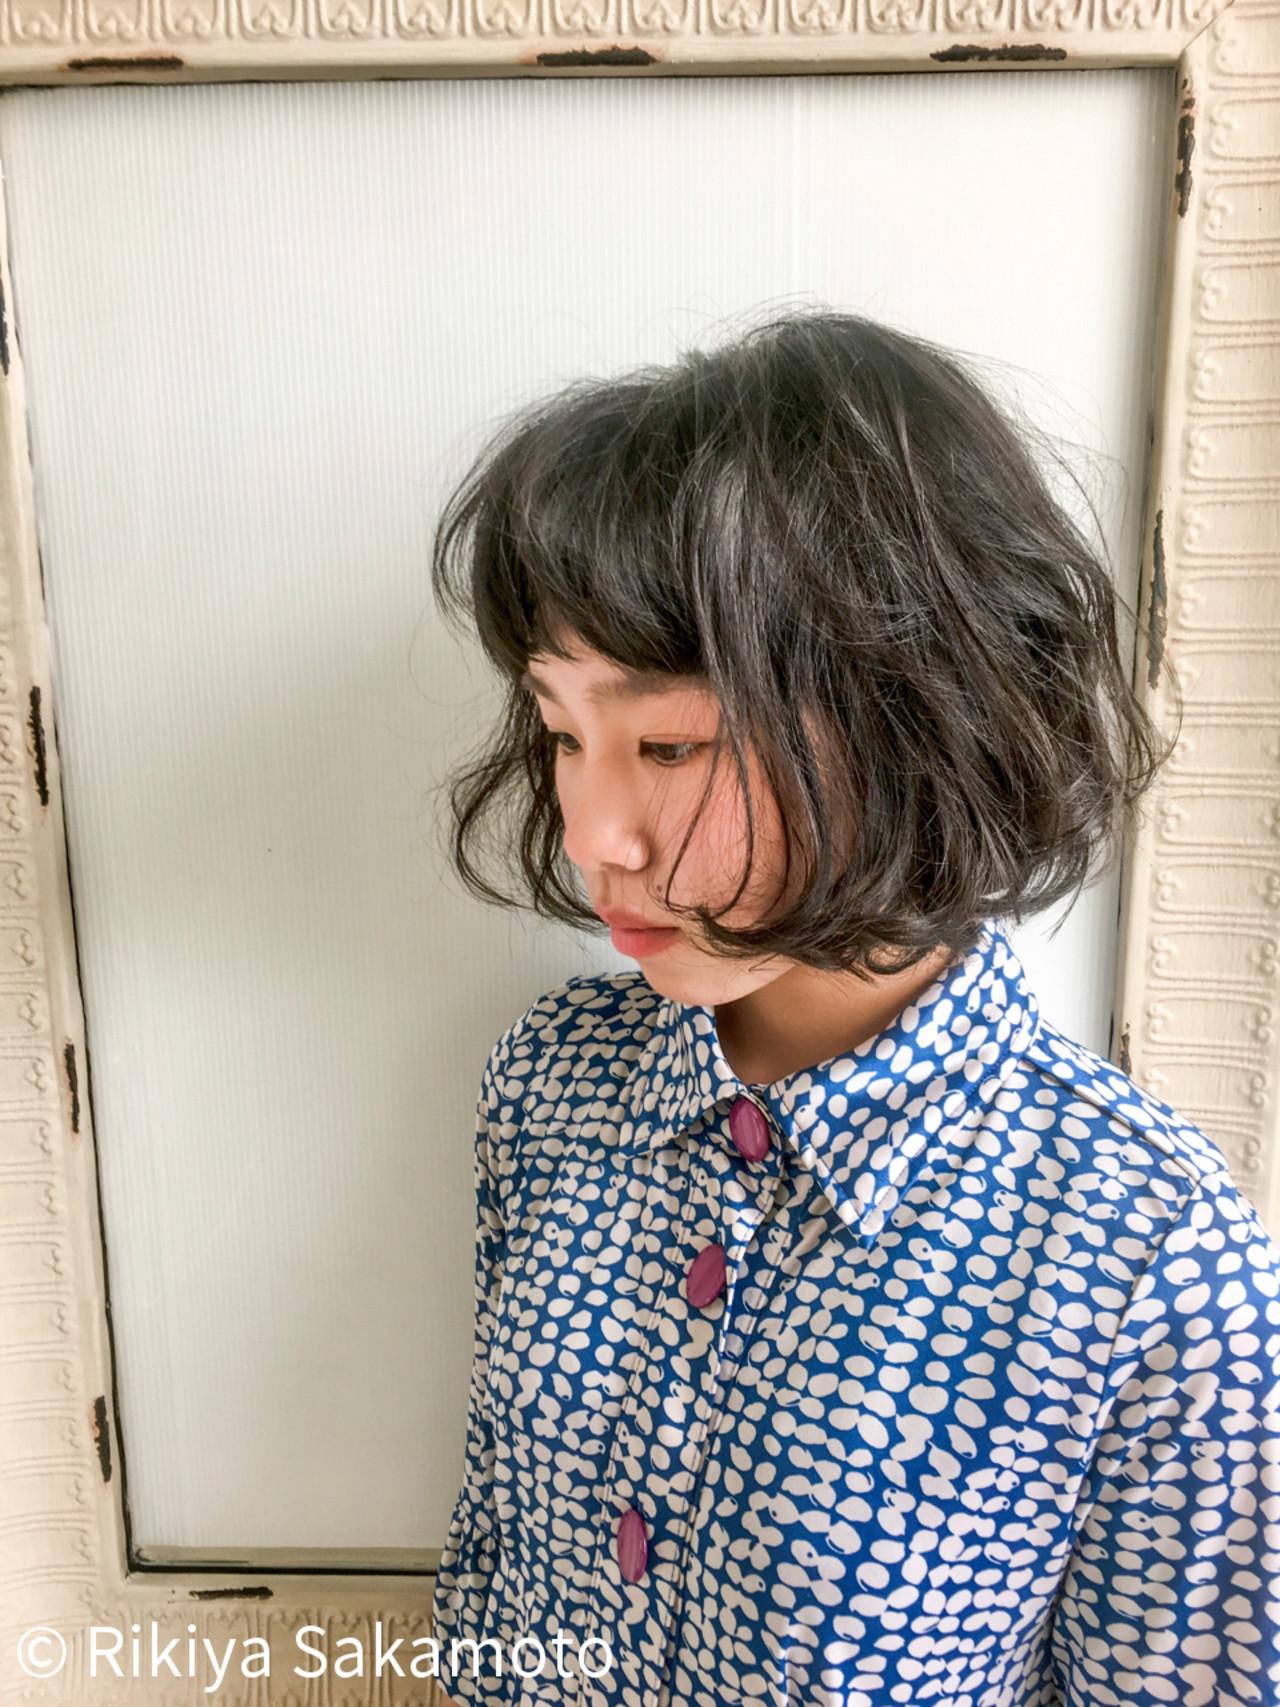 ボブ 外国人風 ショートボブ パーマ ヘアスタイルや髪型の写真・画像 | Rikiya Sakamoto / Seasonal-Lab(旧ディーズガレージ)